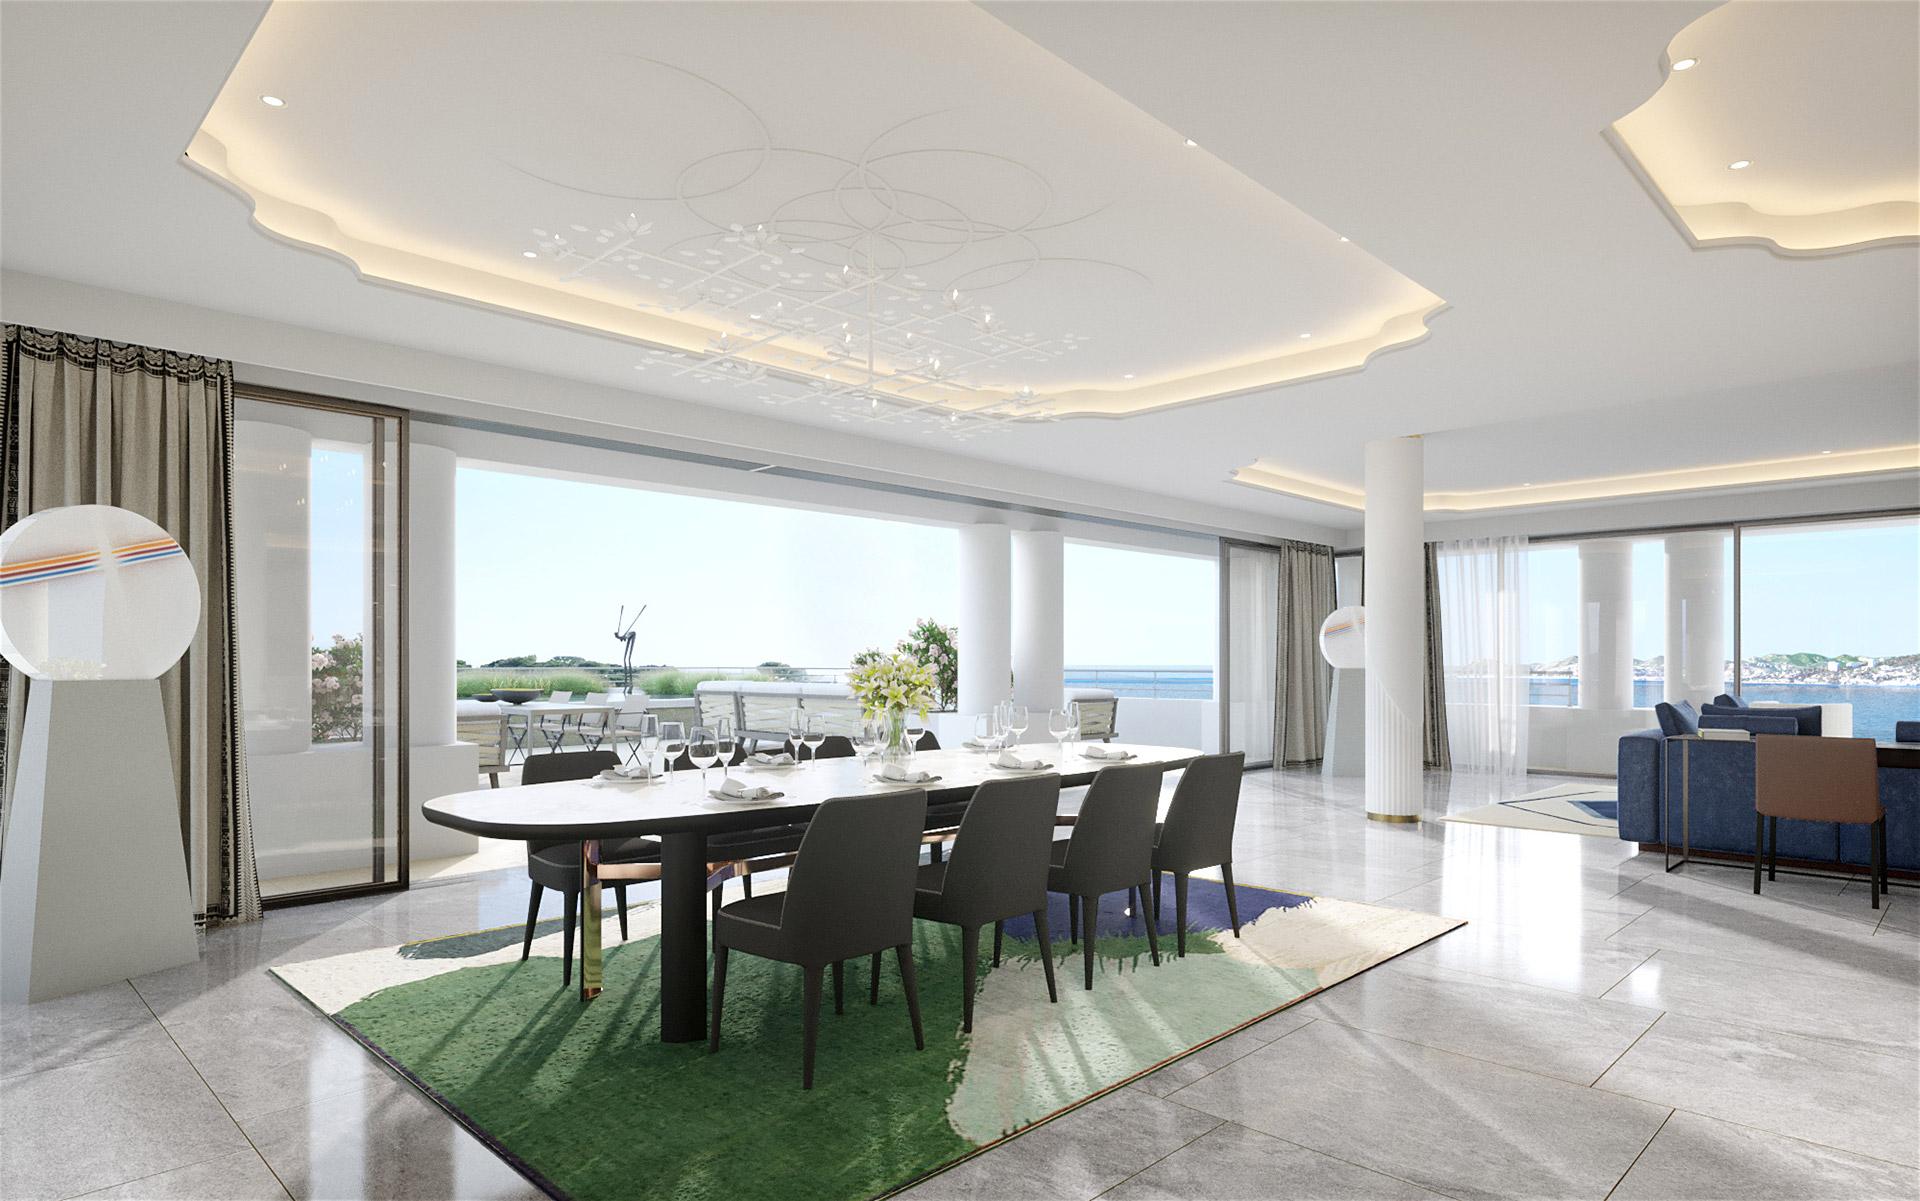 Photorealistic 3D creation of a prestigious villa interior in Cannes